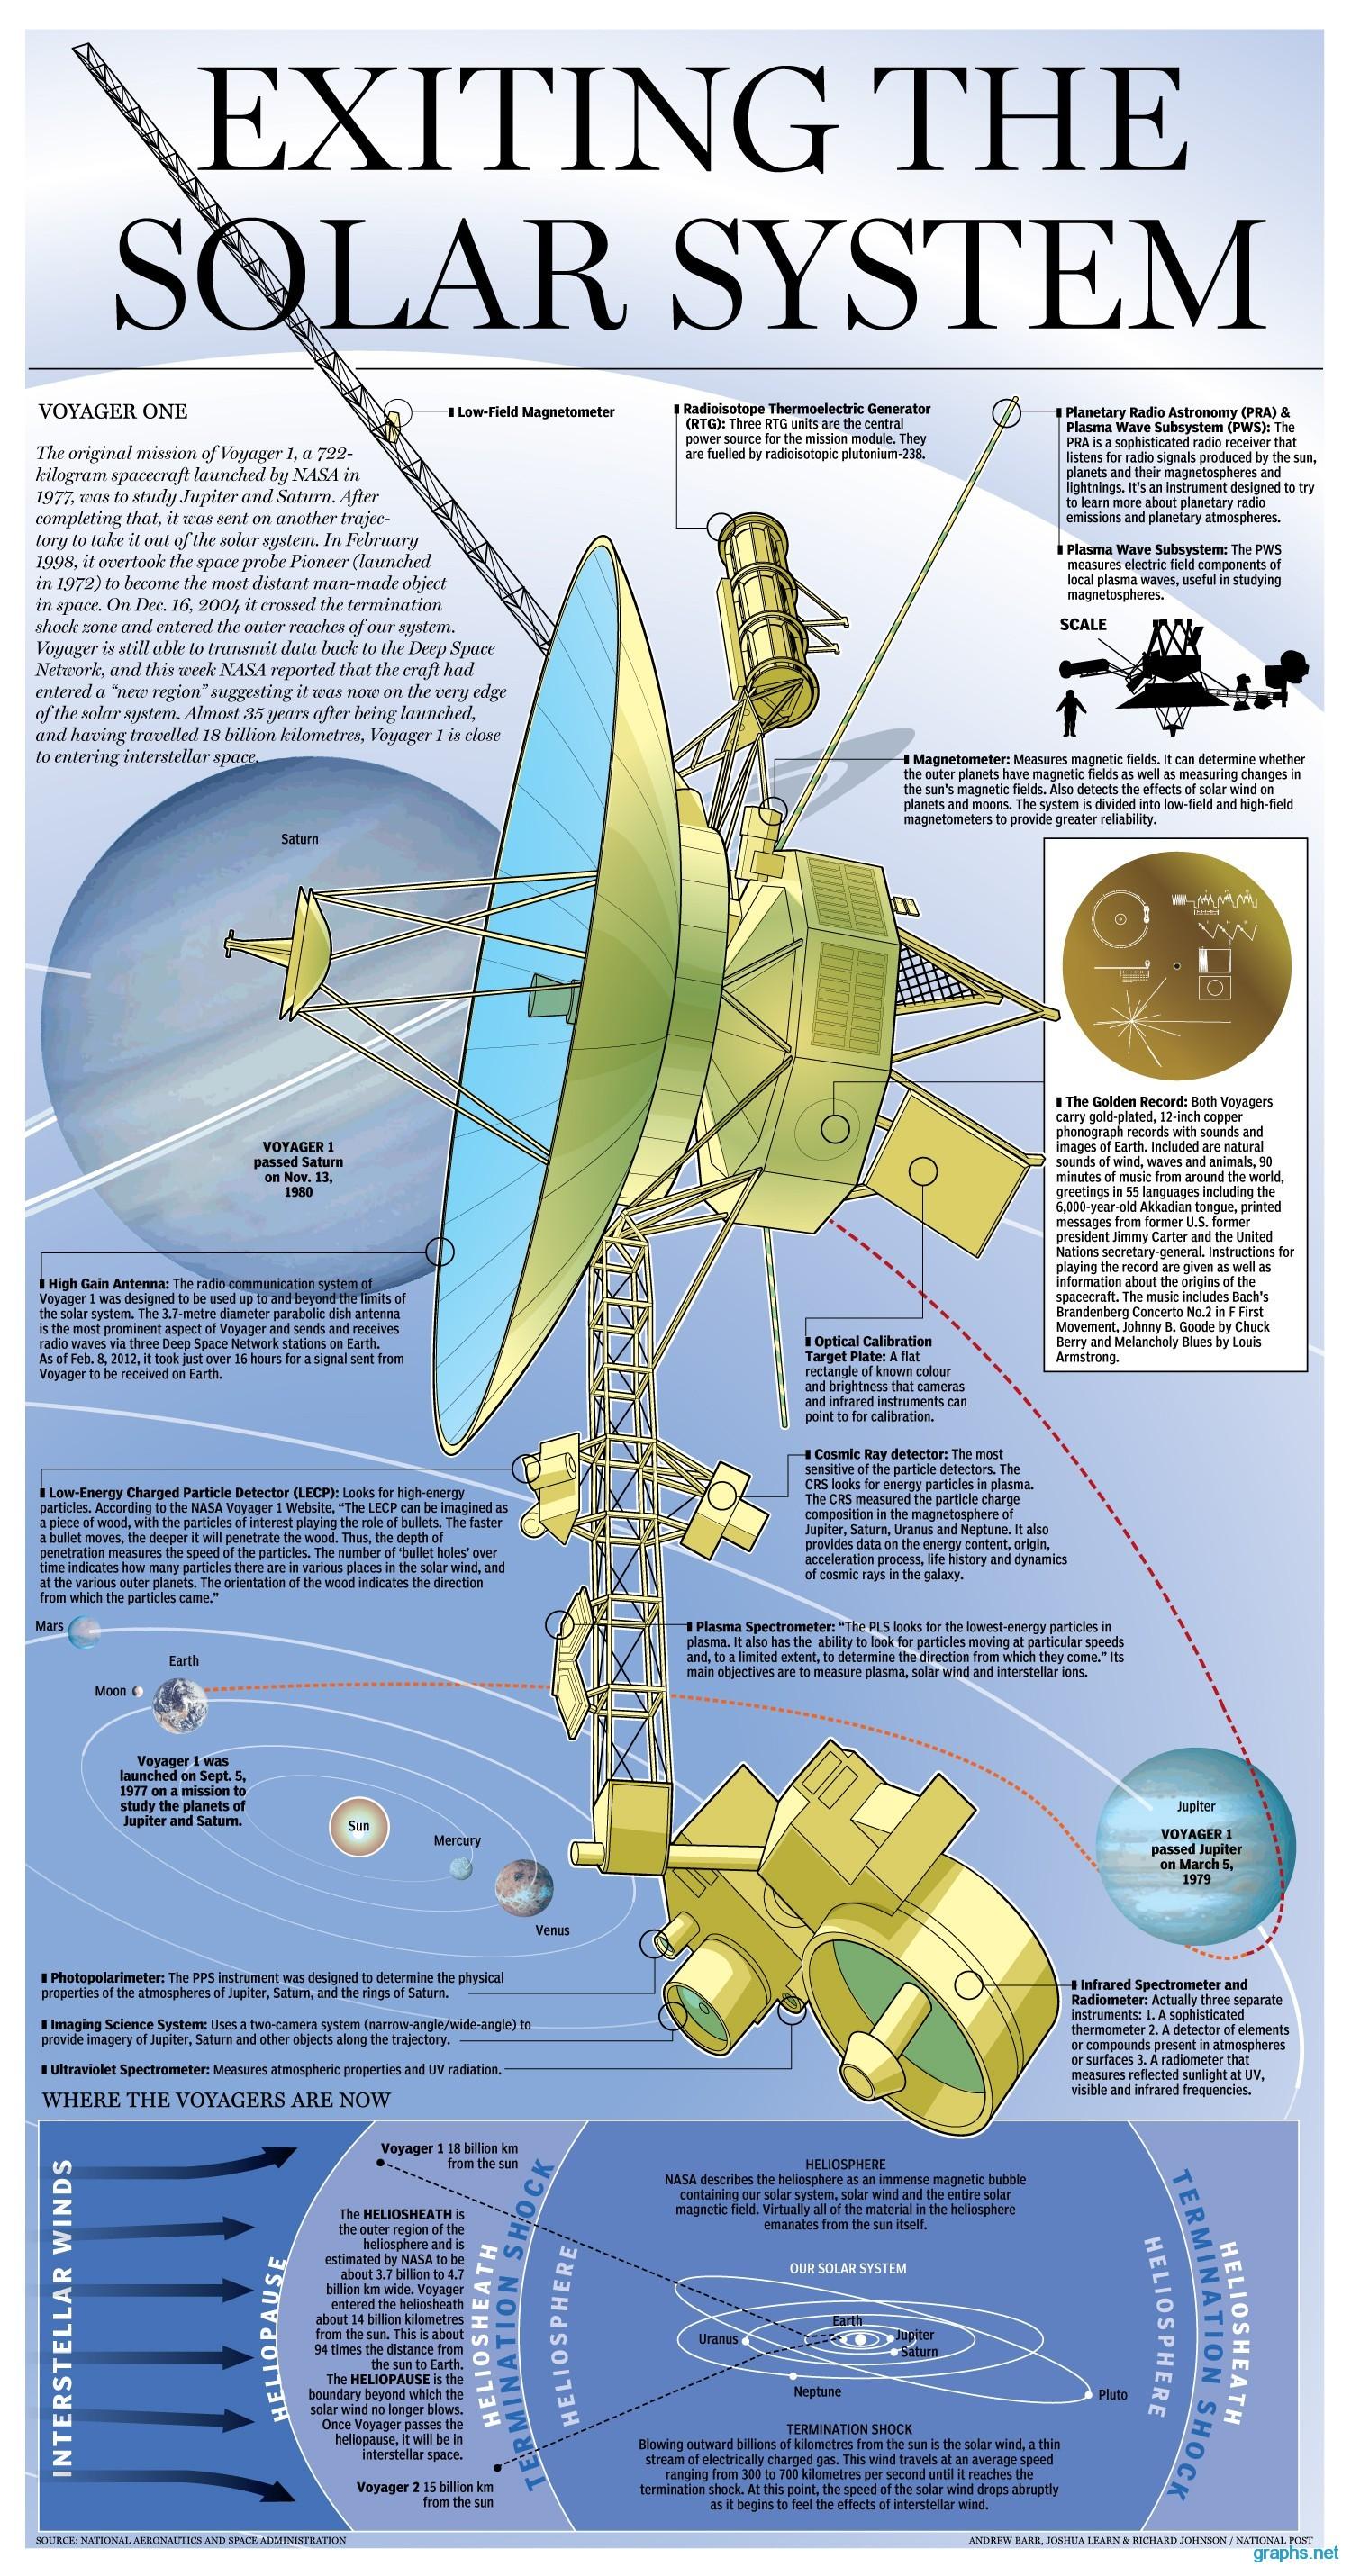 short history of solar system